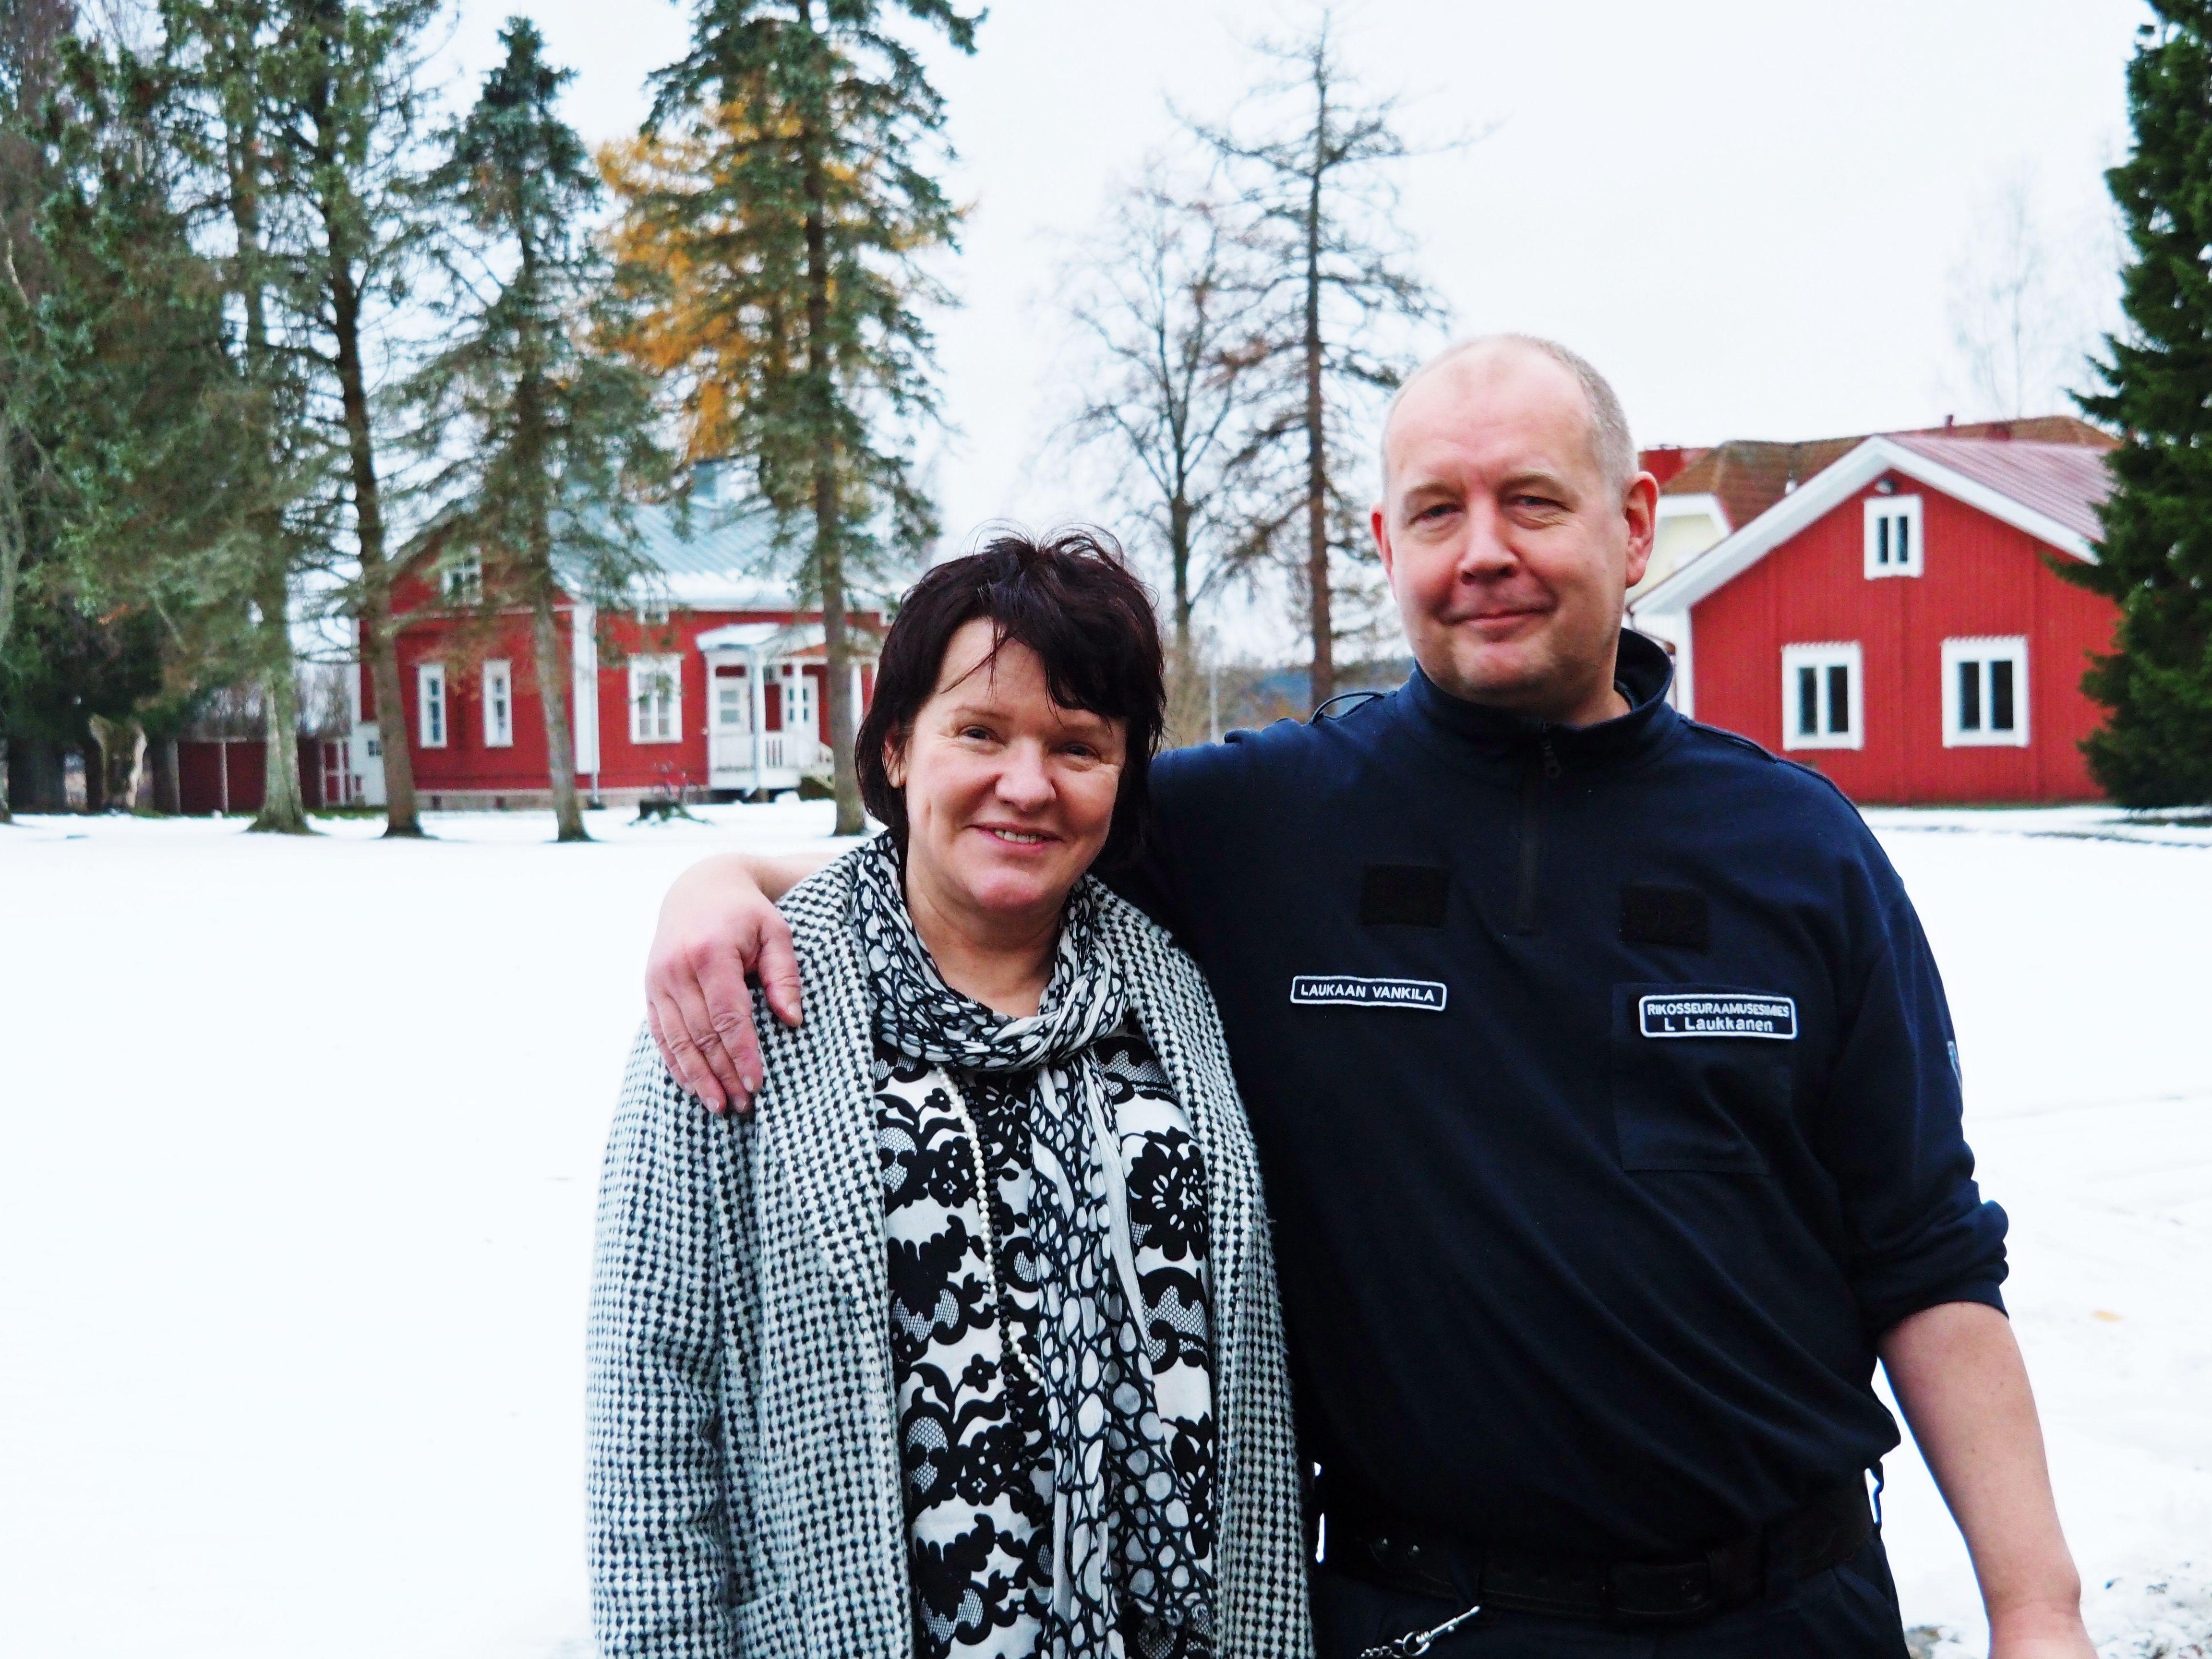 Toimitusjohtaja päivän toisena - vanginvartijana Laukaalla. Onneksi Lassen hellässä huomassa.